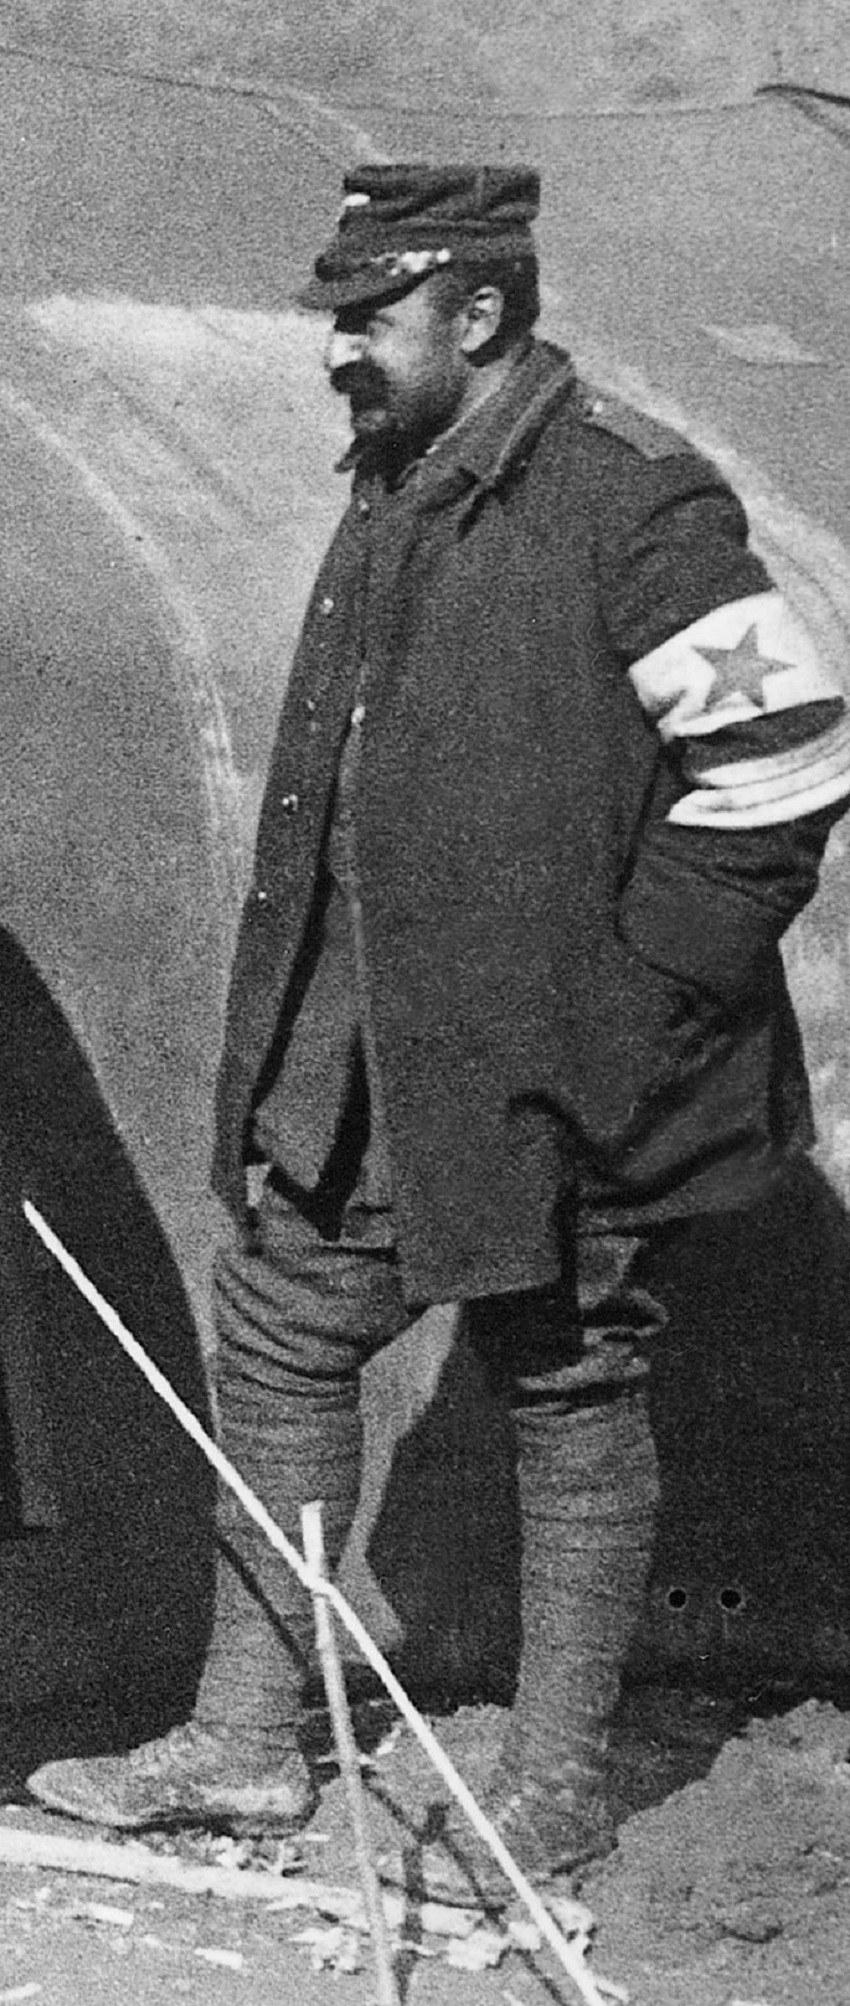 Ο Μιλτιάδης Νεγρεπόντης, ως επιλοχίας των αυτοκινήτων του Ελληνικού Στρατού, κατά τη διάρκεια των Βαλκανικών Πολέμων, εθελοντής όμως αν και ήταν βουλευτής Αττικοβοιωτίας